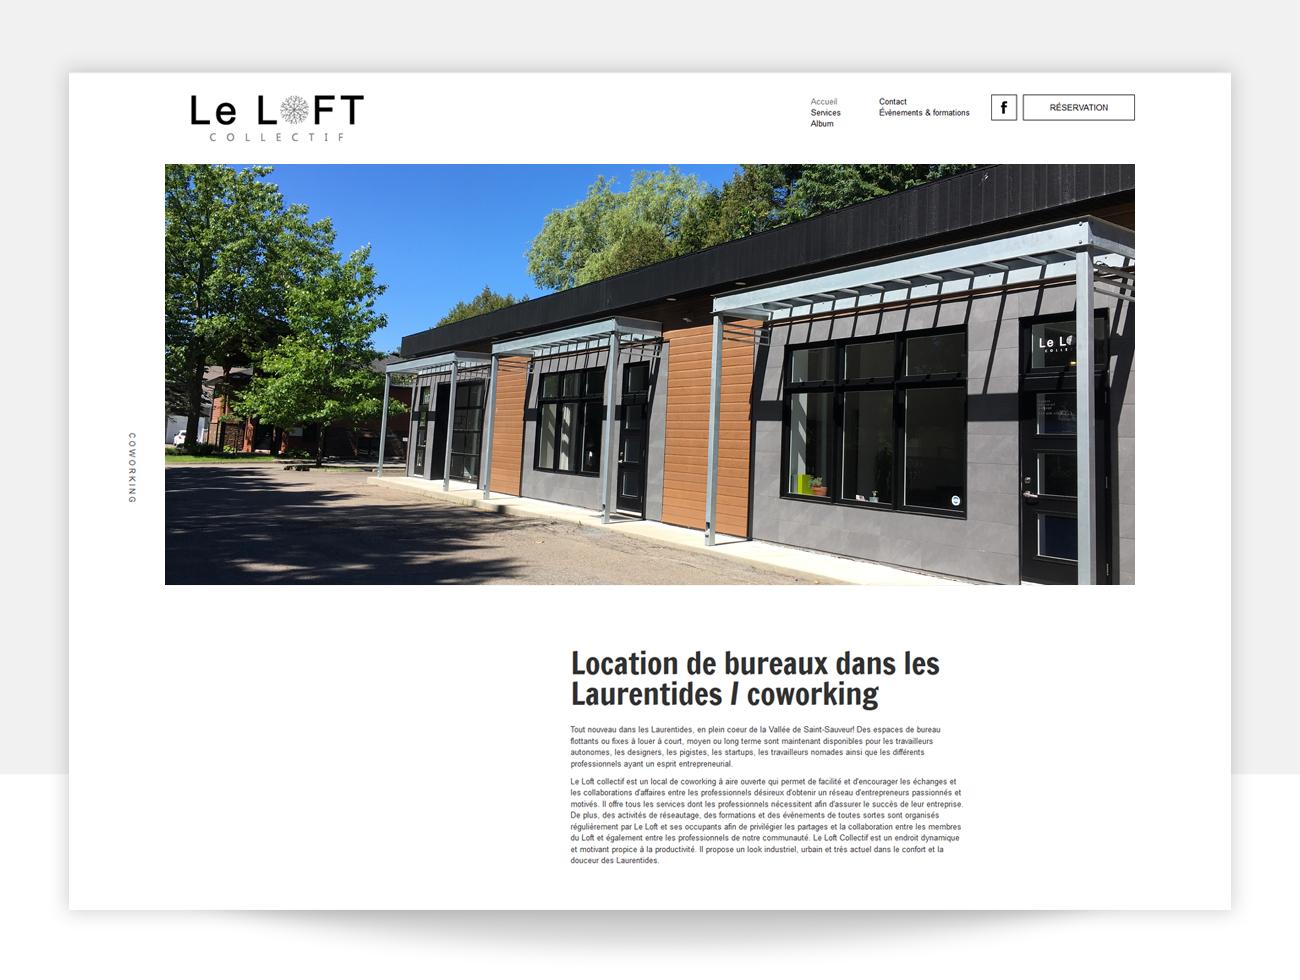 TRIDAL conception Web Le Loft Collectif espace de coworking